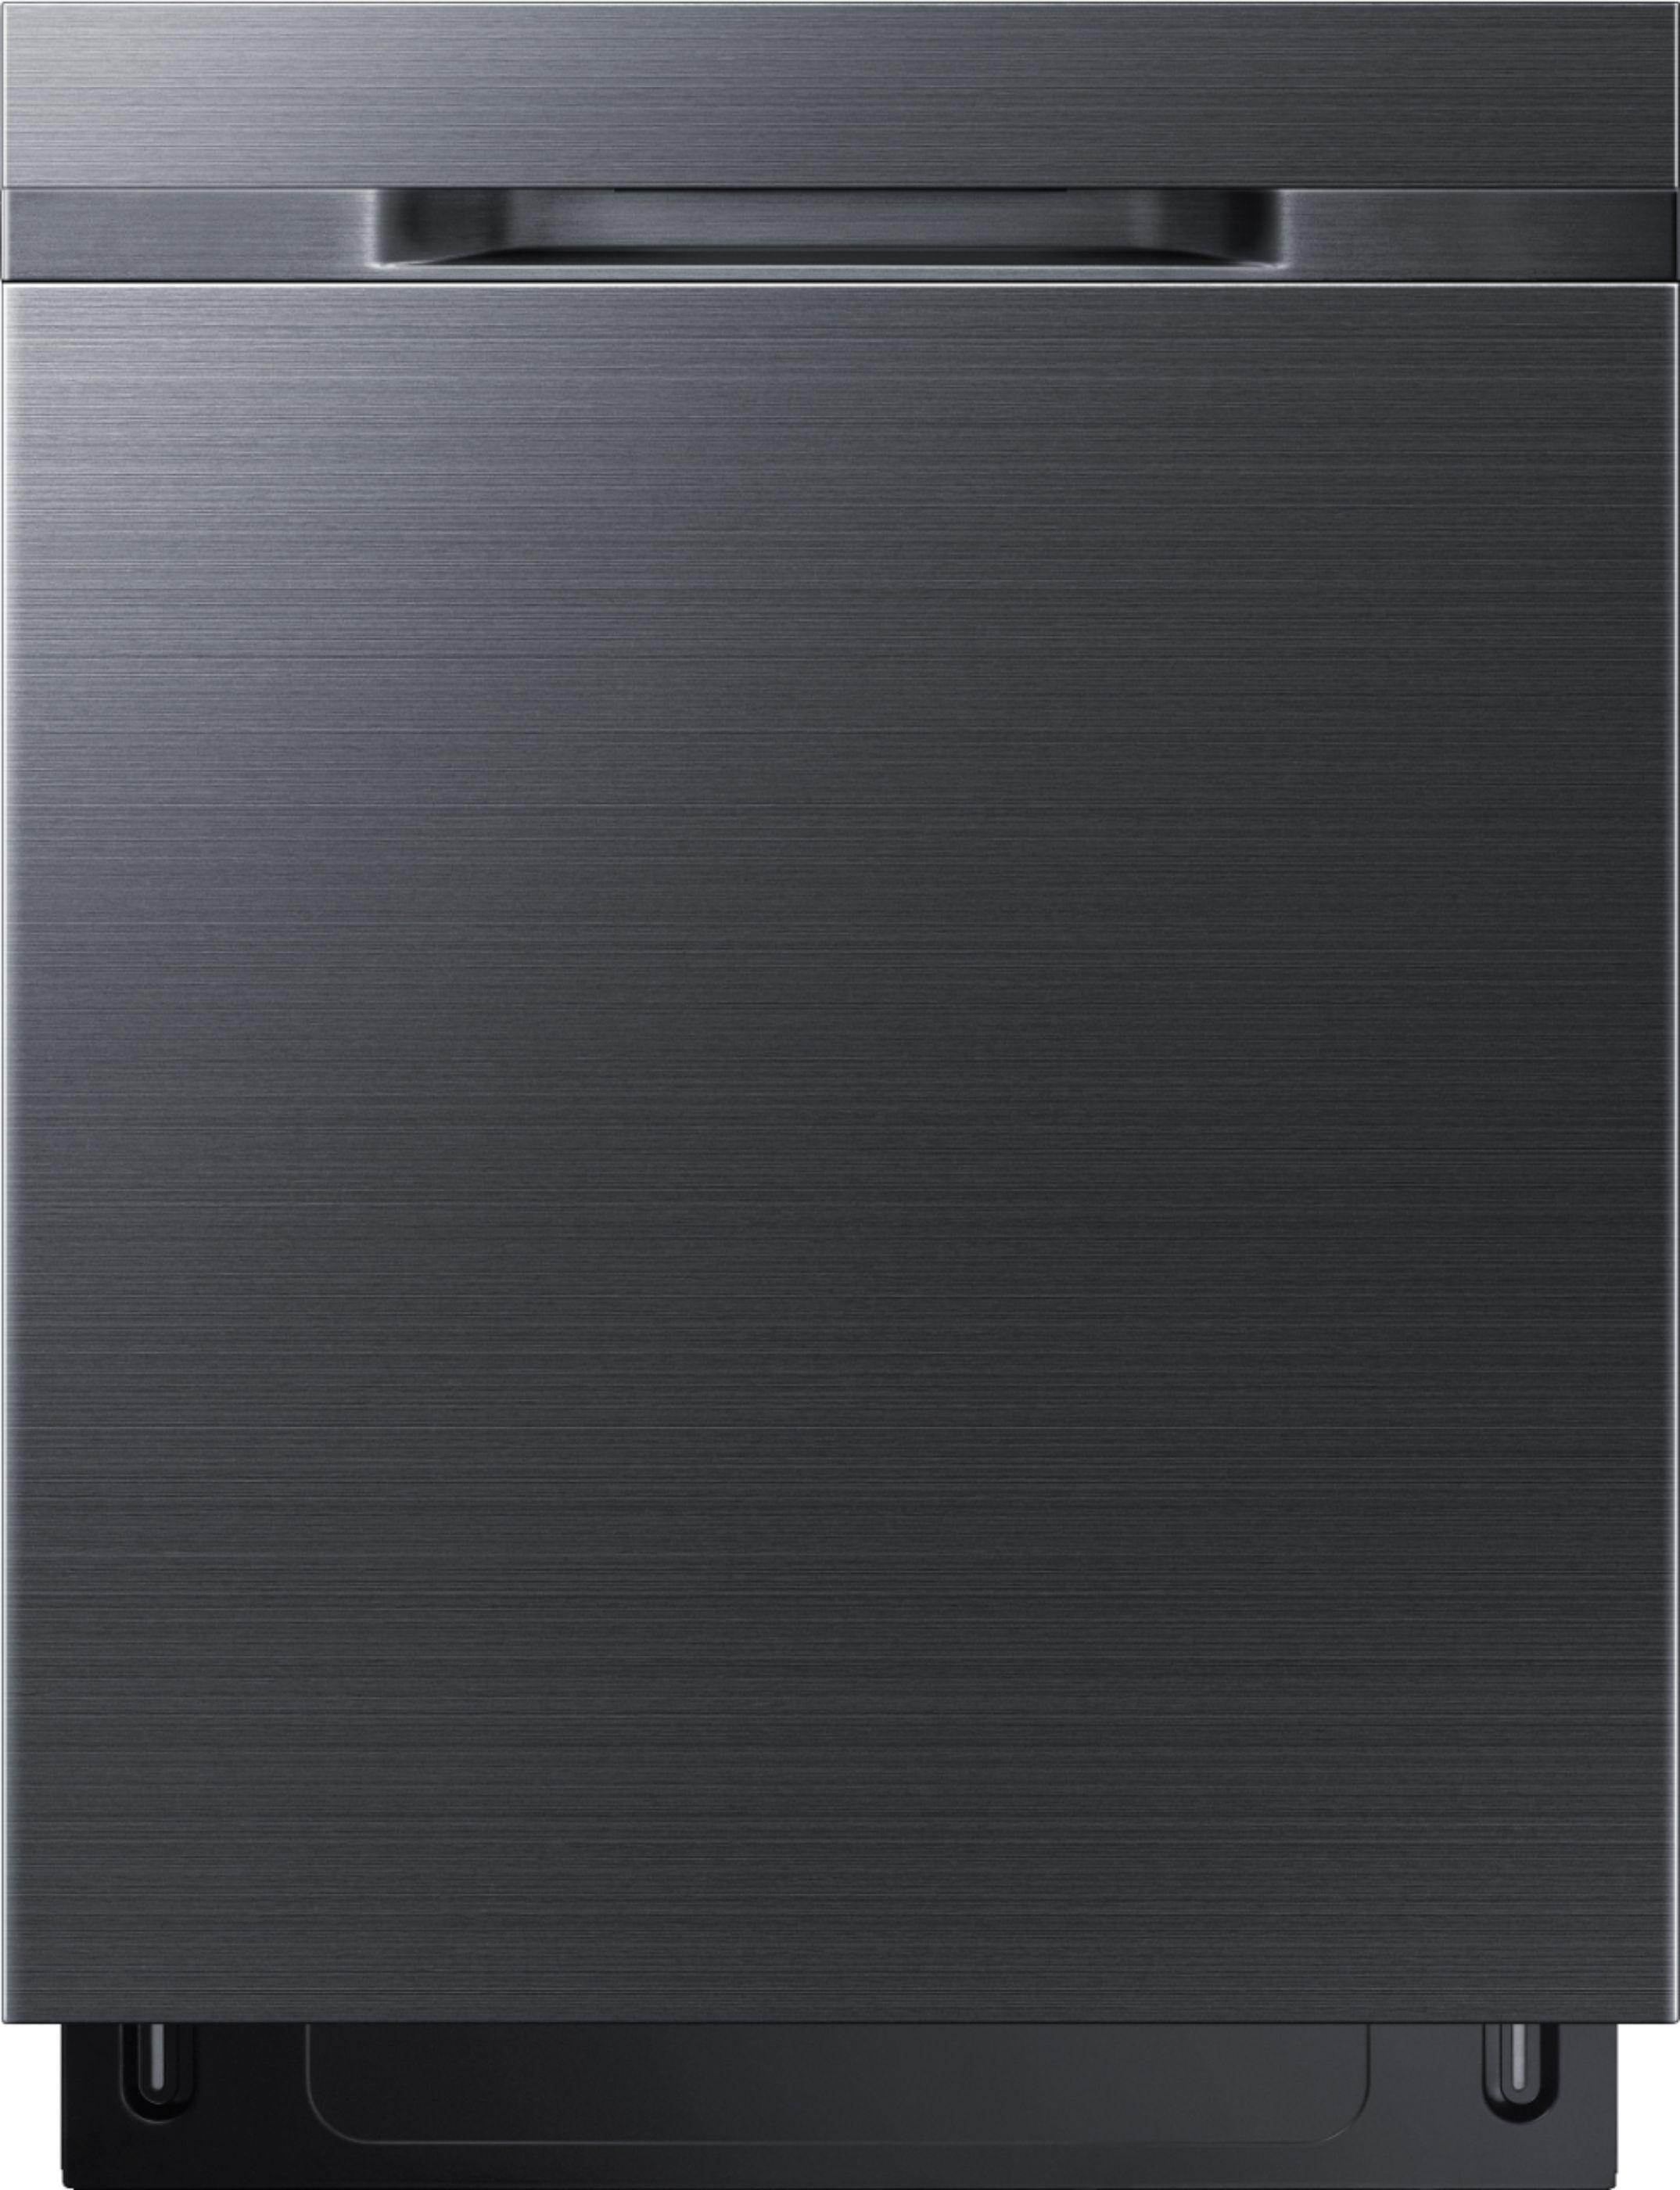 Samsung Dishwasher Kick Plate : samsung, dishwasher, plate, Samsung, Samsung-StormWash™, Control, Fingerprint, Resistant, Built-In, Dishwasher-Black, Stainless, Steel, Black, DW80K5050UG